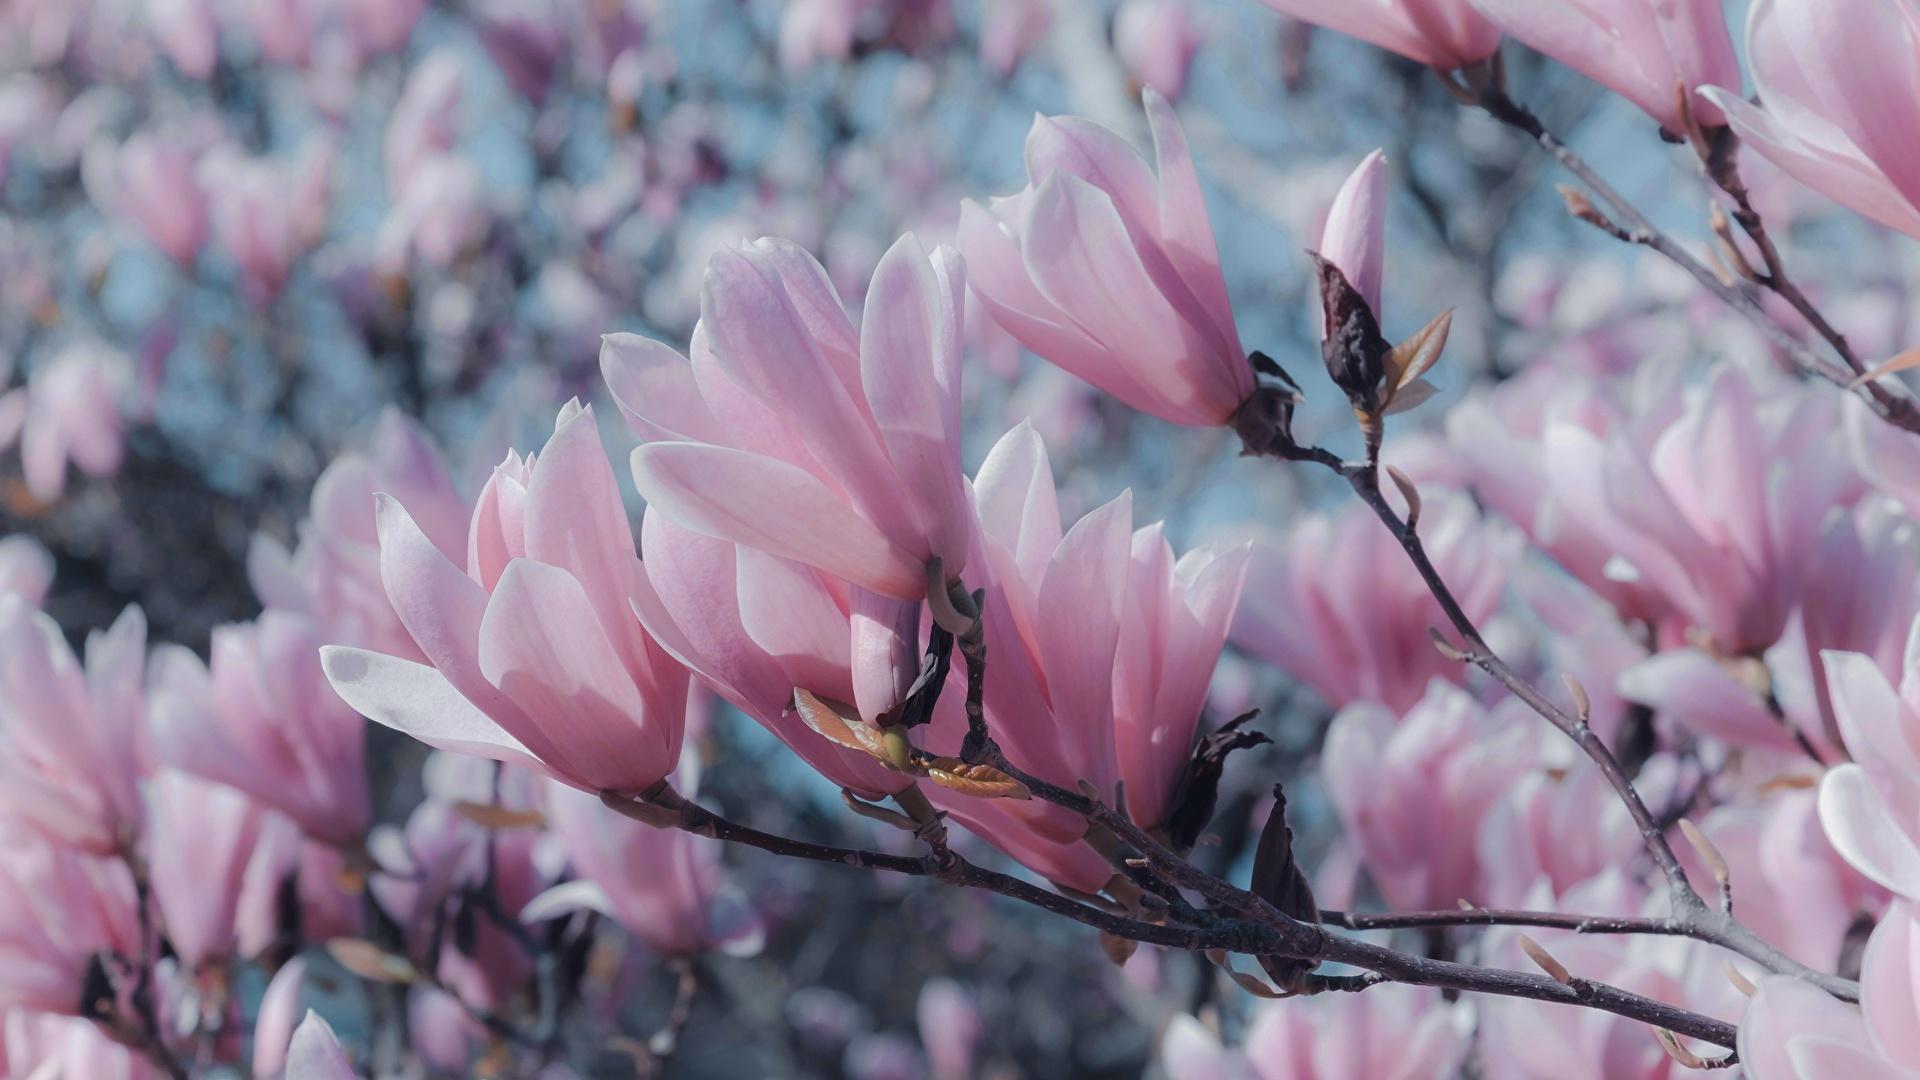 Fotos von Rosa Farbe Blüte Magnolien Ast hautnah 1920x1080 Blumen Nahaufnahme Großansicht